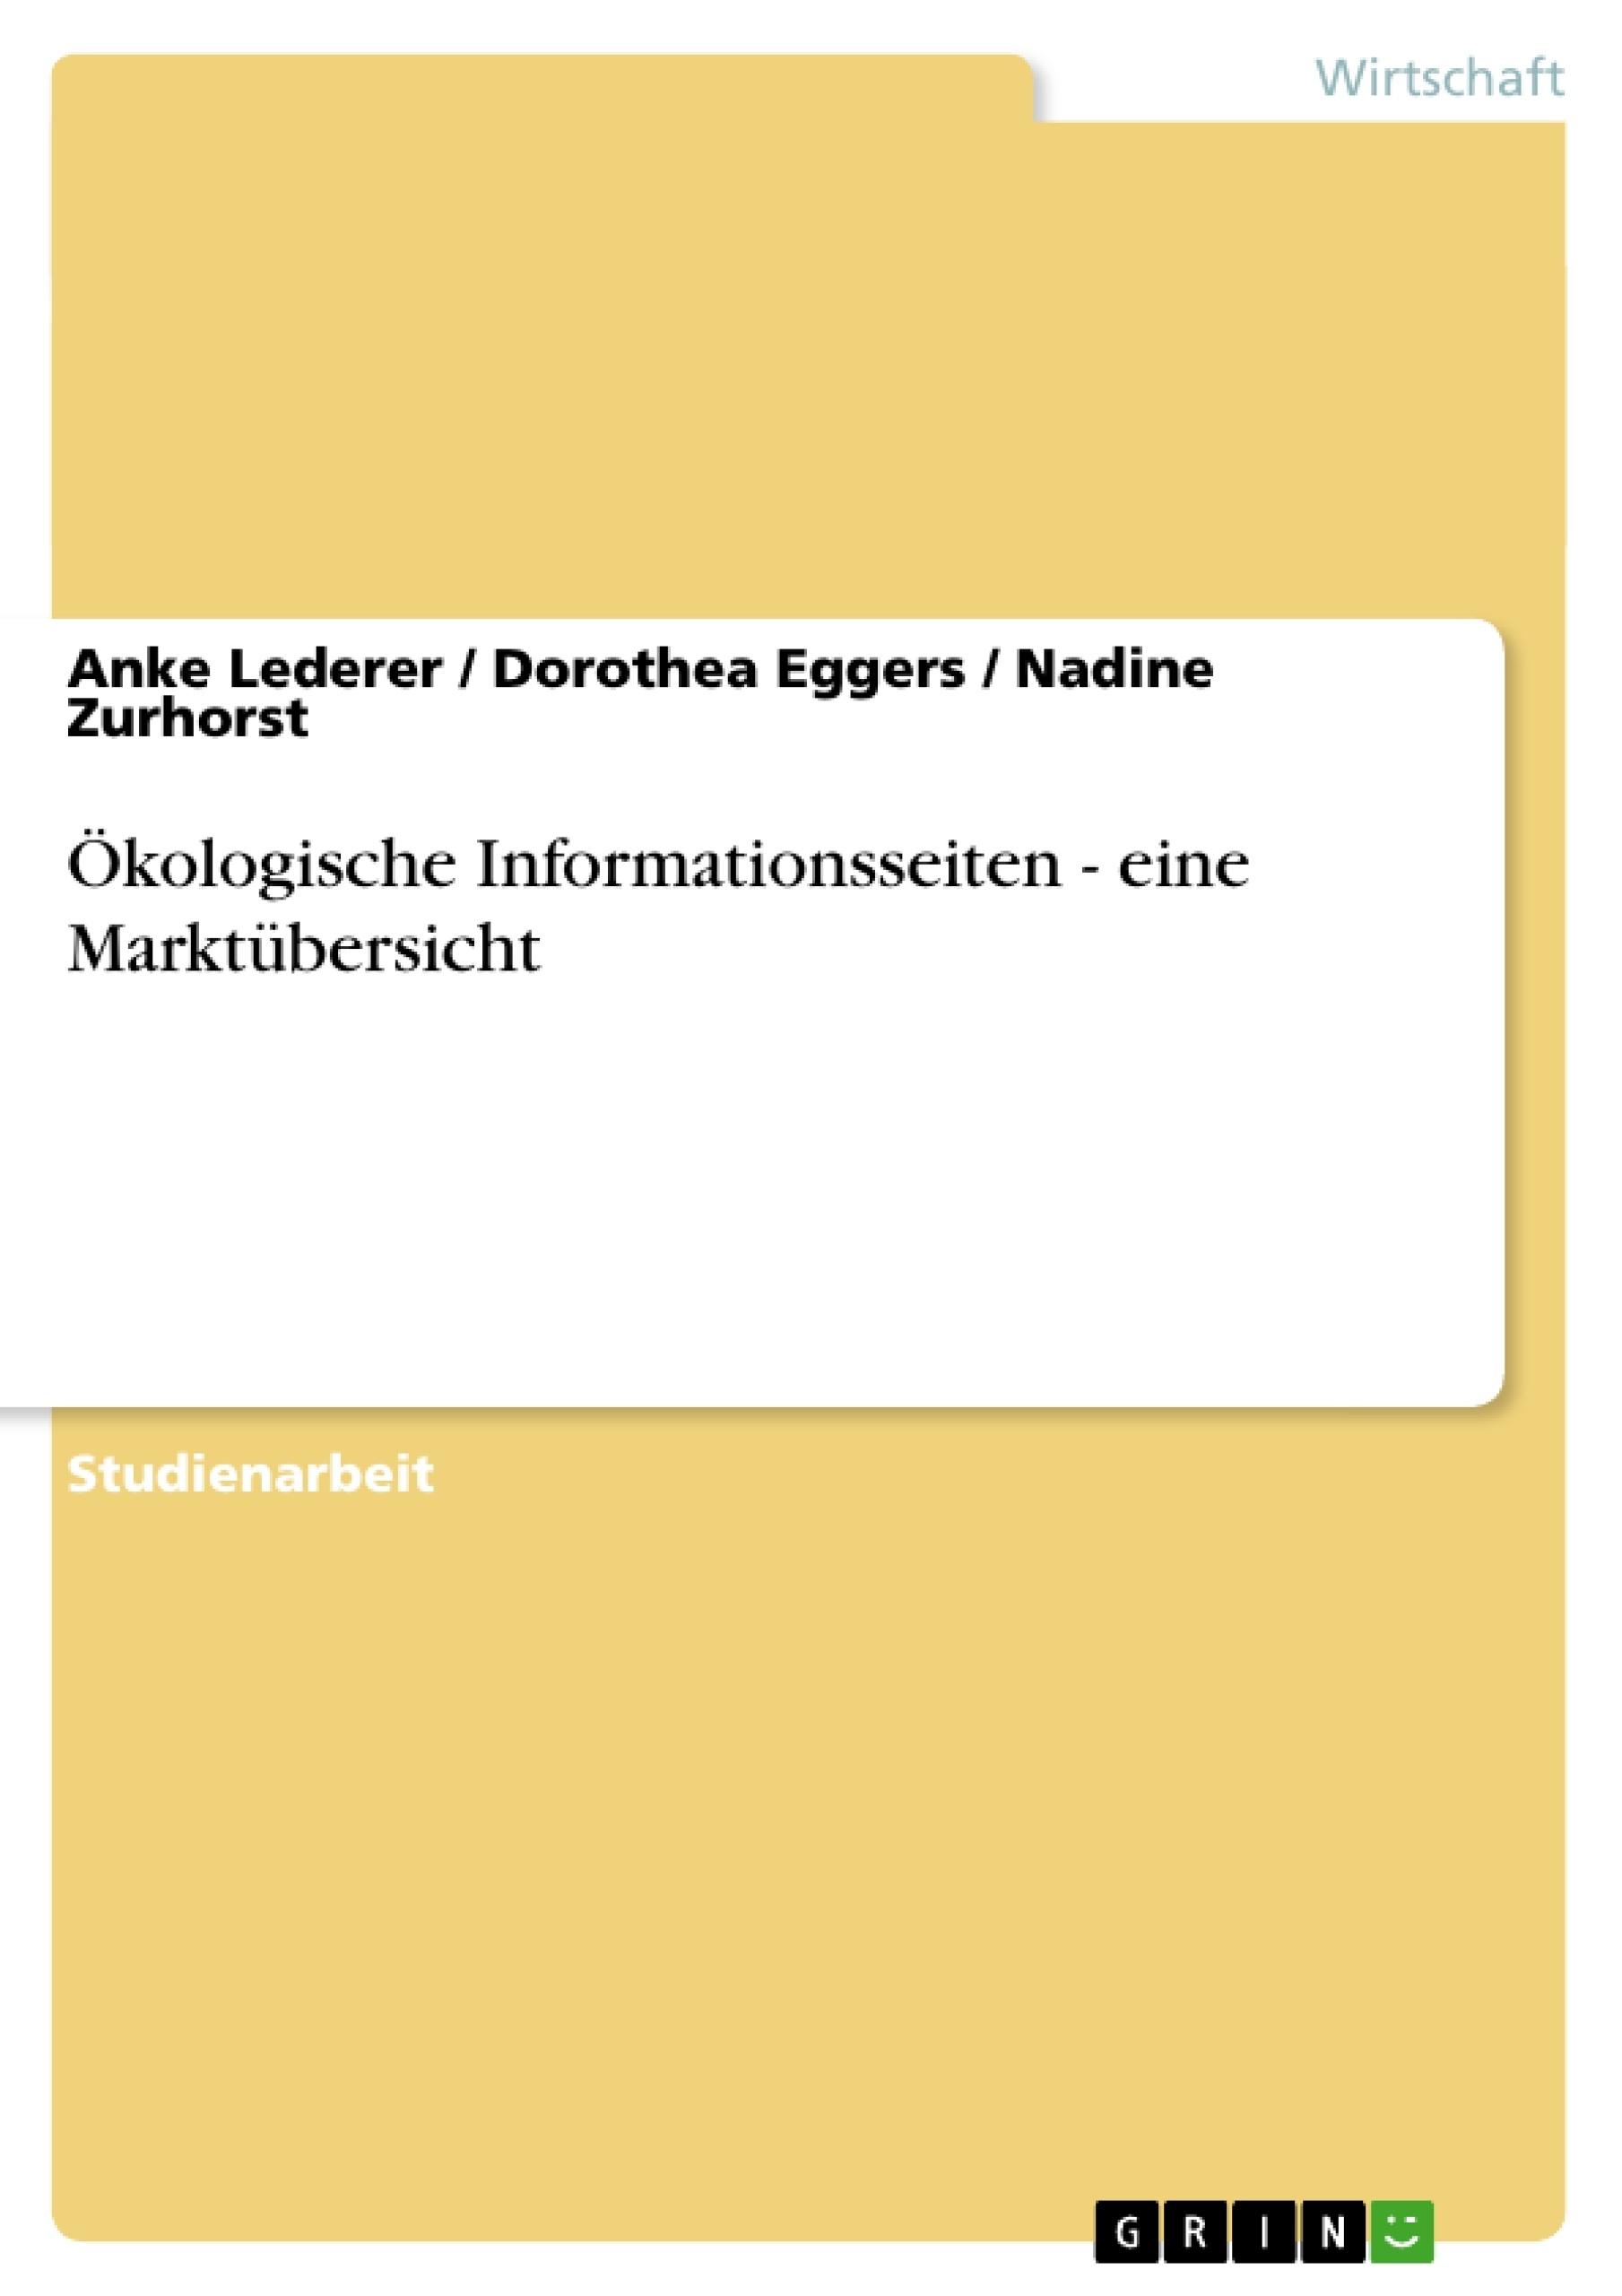 Titel: Ökologische Informationsseiten - eine Marktübersicht